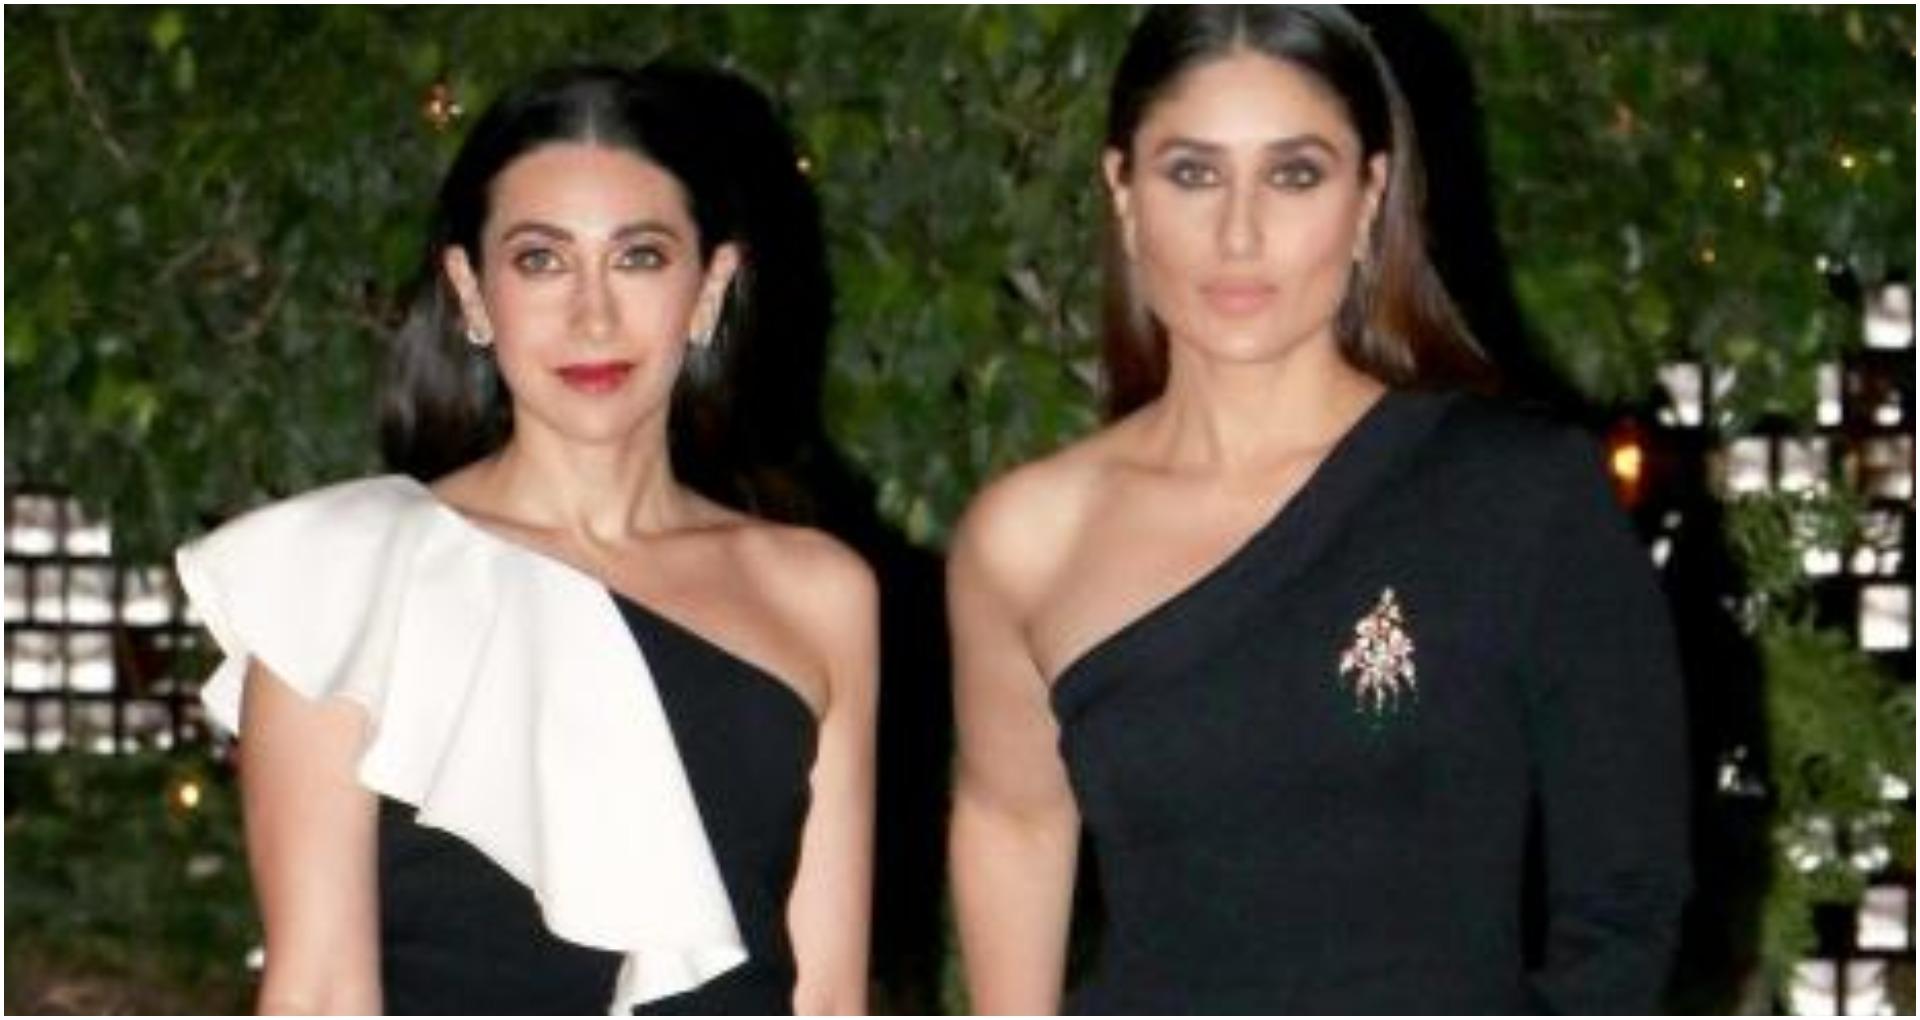 करीना कपूर खान करना चाहती हैं करिश्मा कपूर के साथ बॉलीवुड फिल्मों में काम, कहीं ये बात